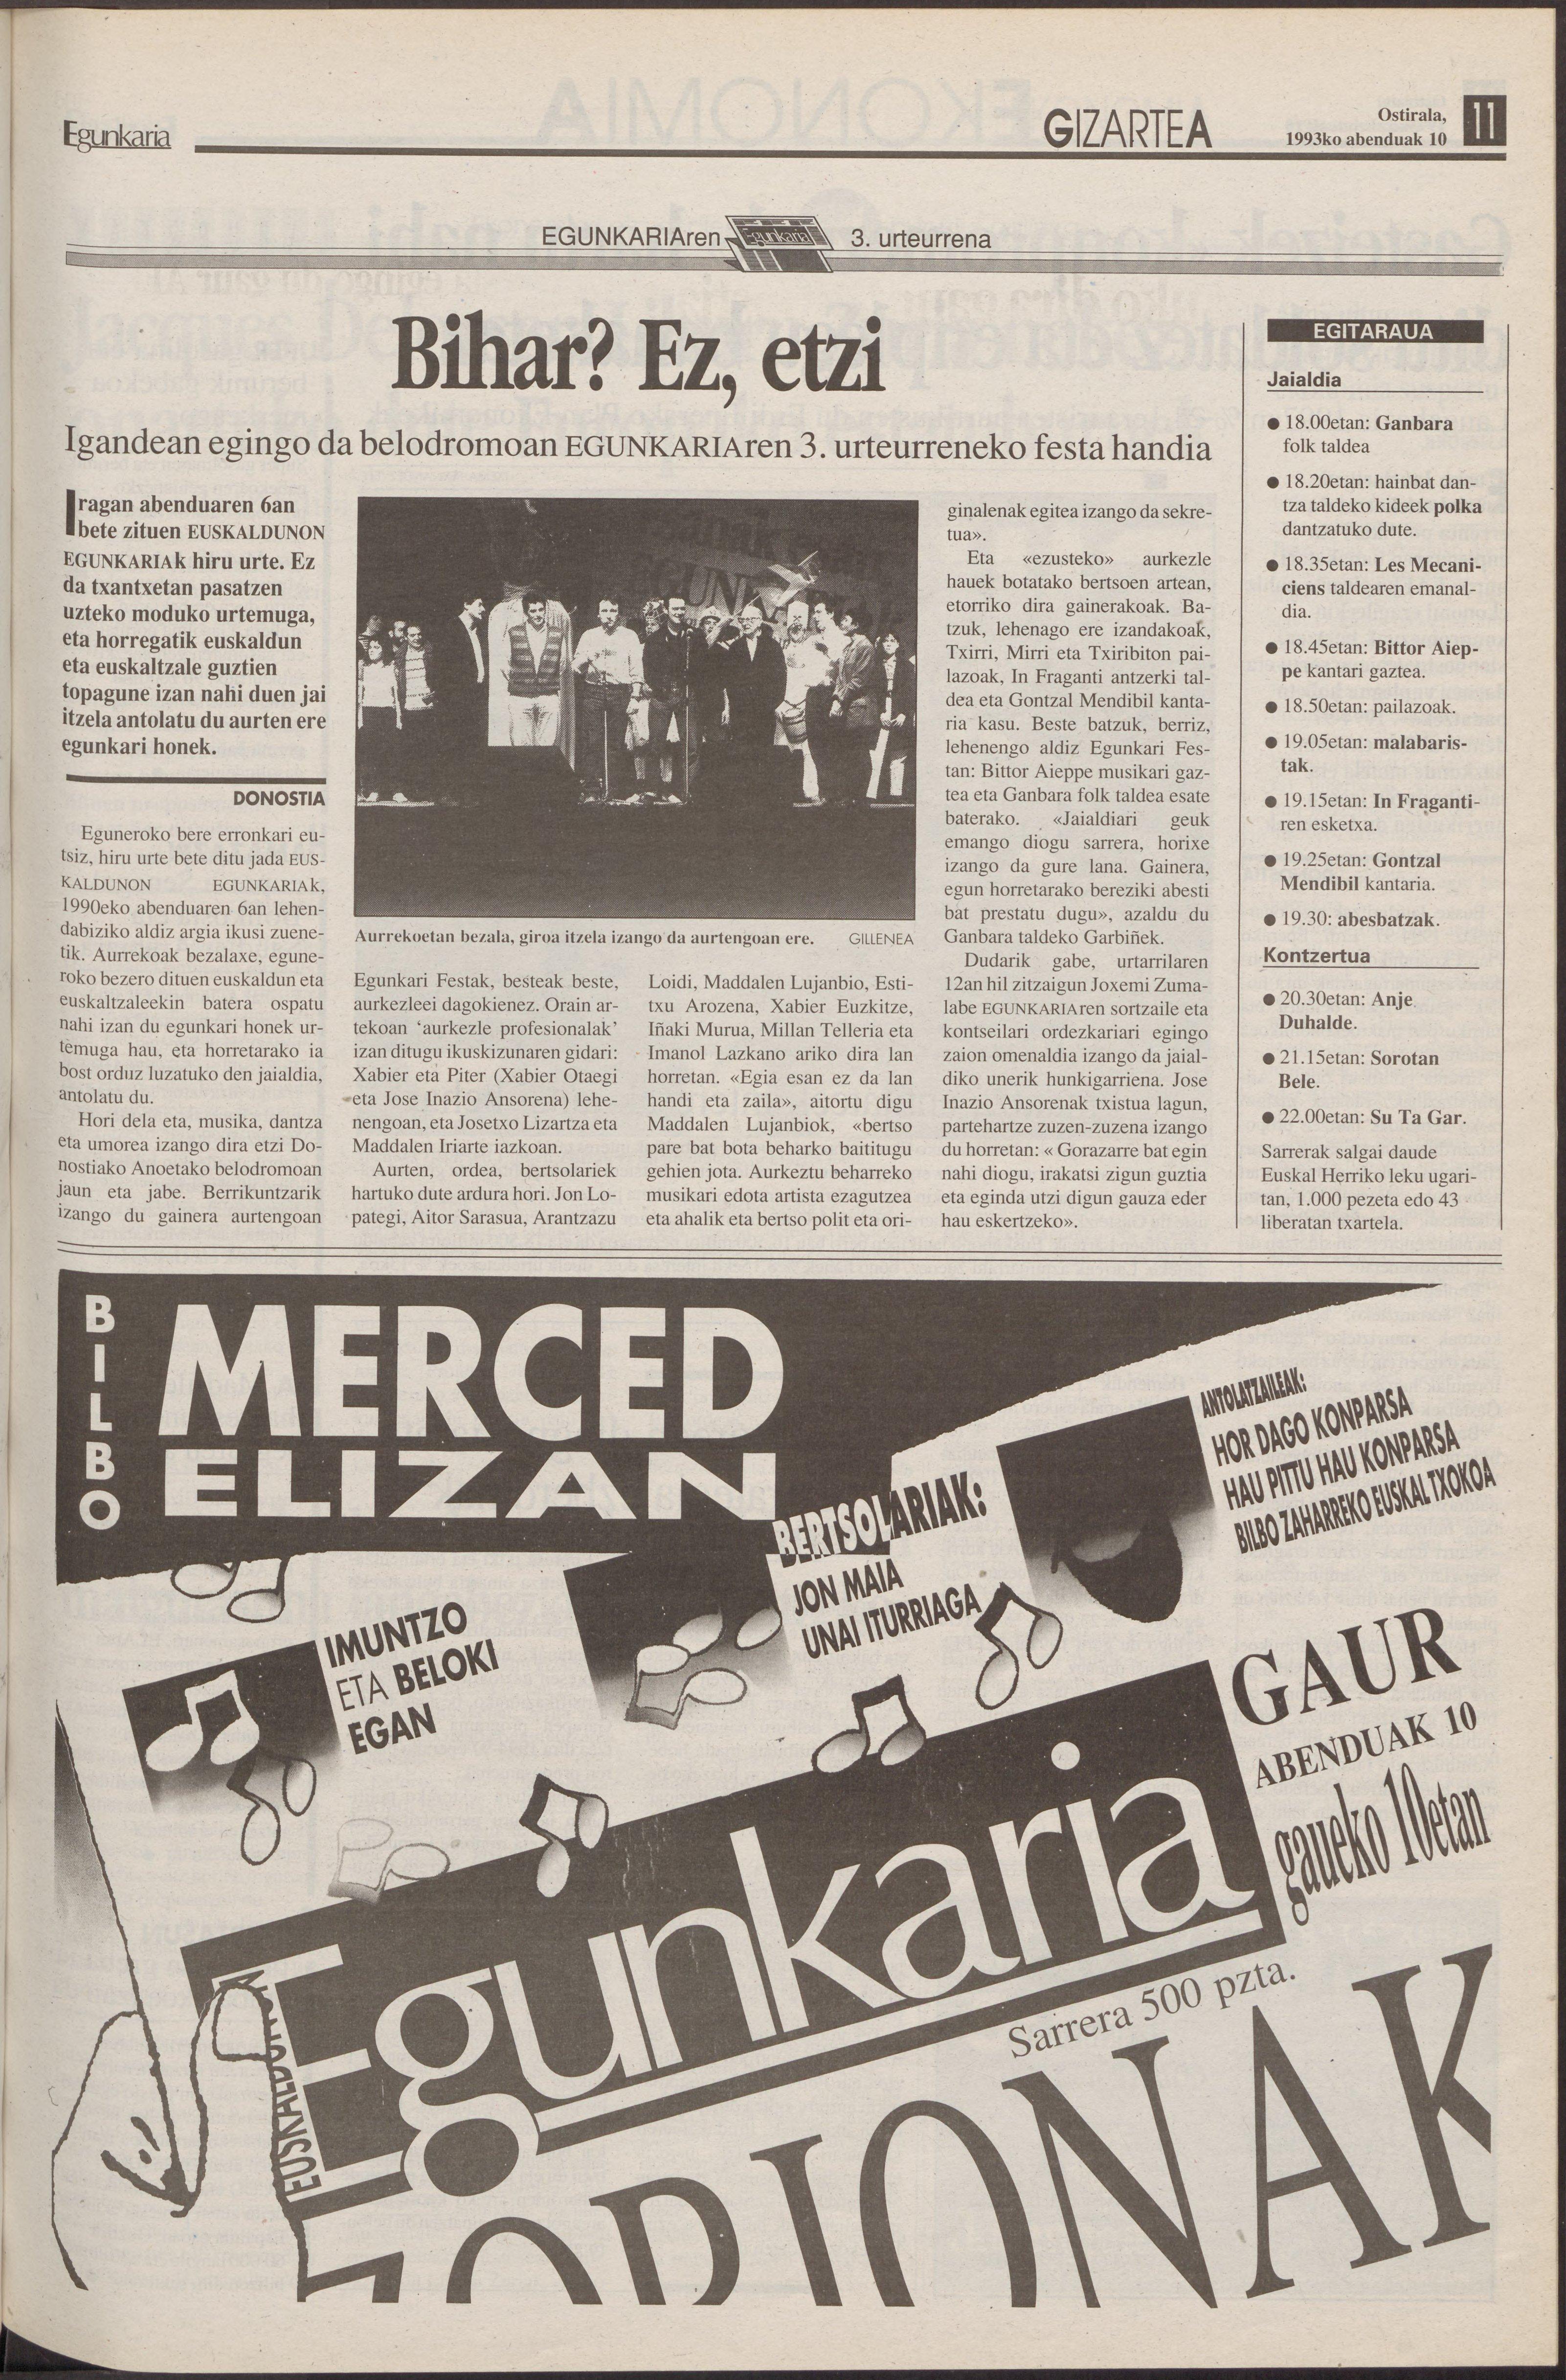 1993ko abenduak 10, 11. orrialdea